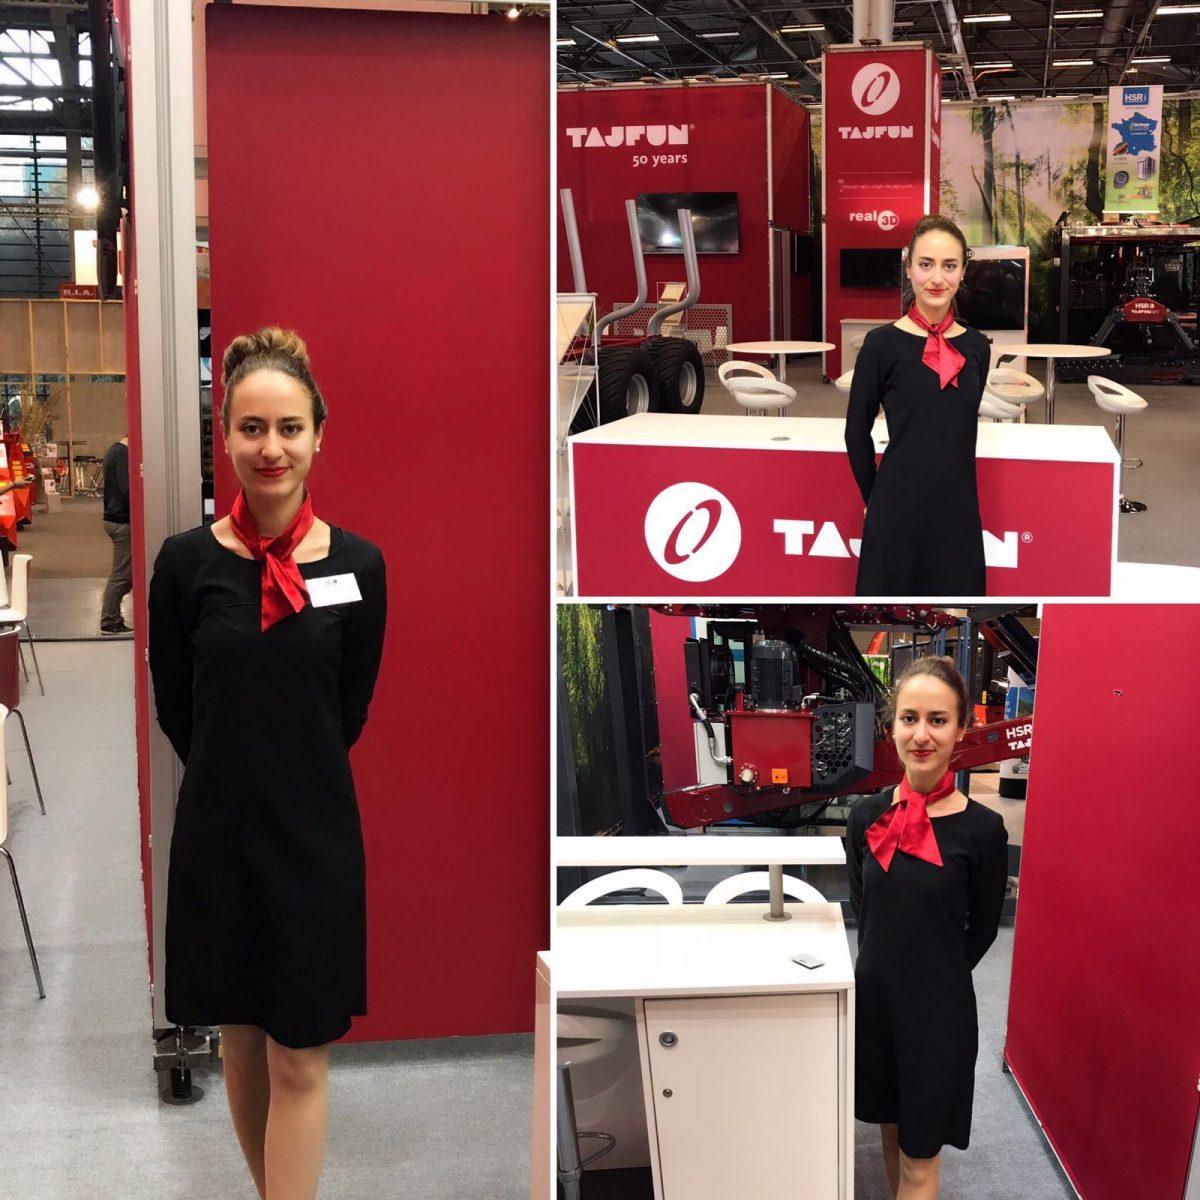 Agence Hotesse Paris Agence ELEGANCE Hôtesses Paris Accueil Stand Salon Expositions Paris